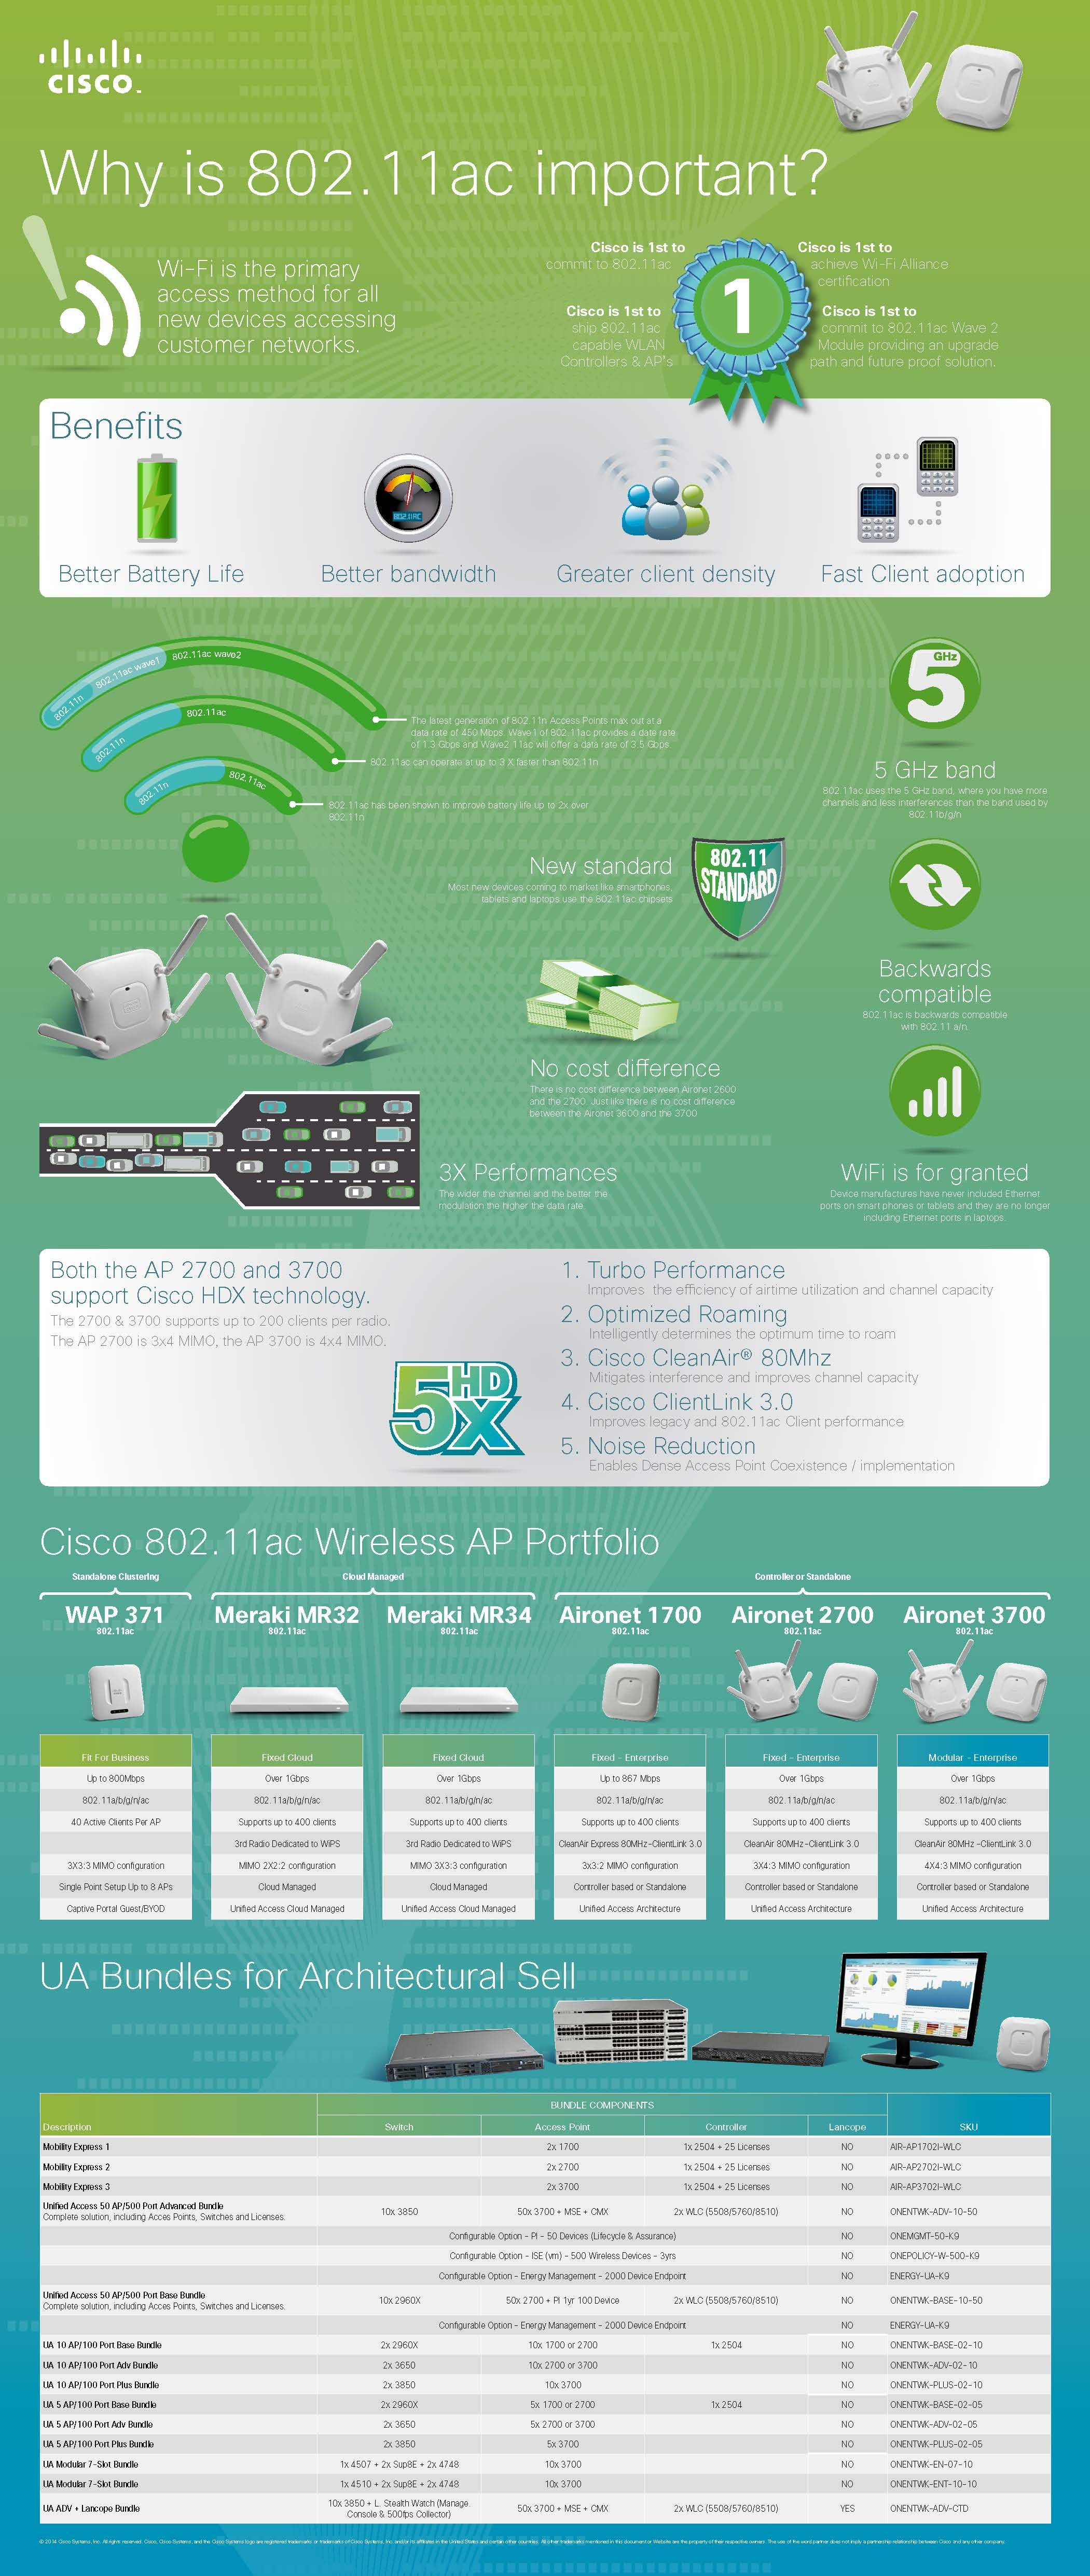 Wifi infographic. Wifiinrichters.nl. ICT inrichters.